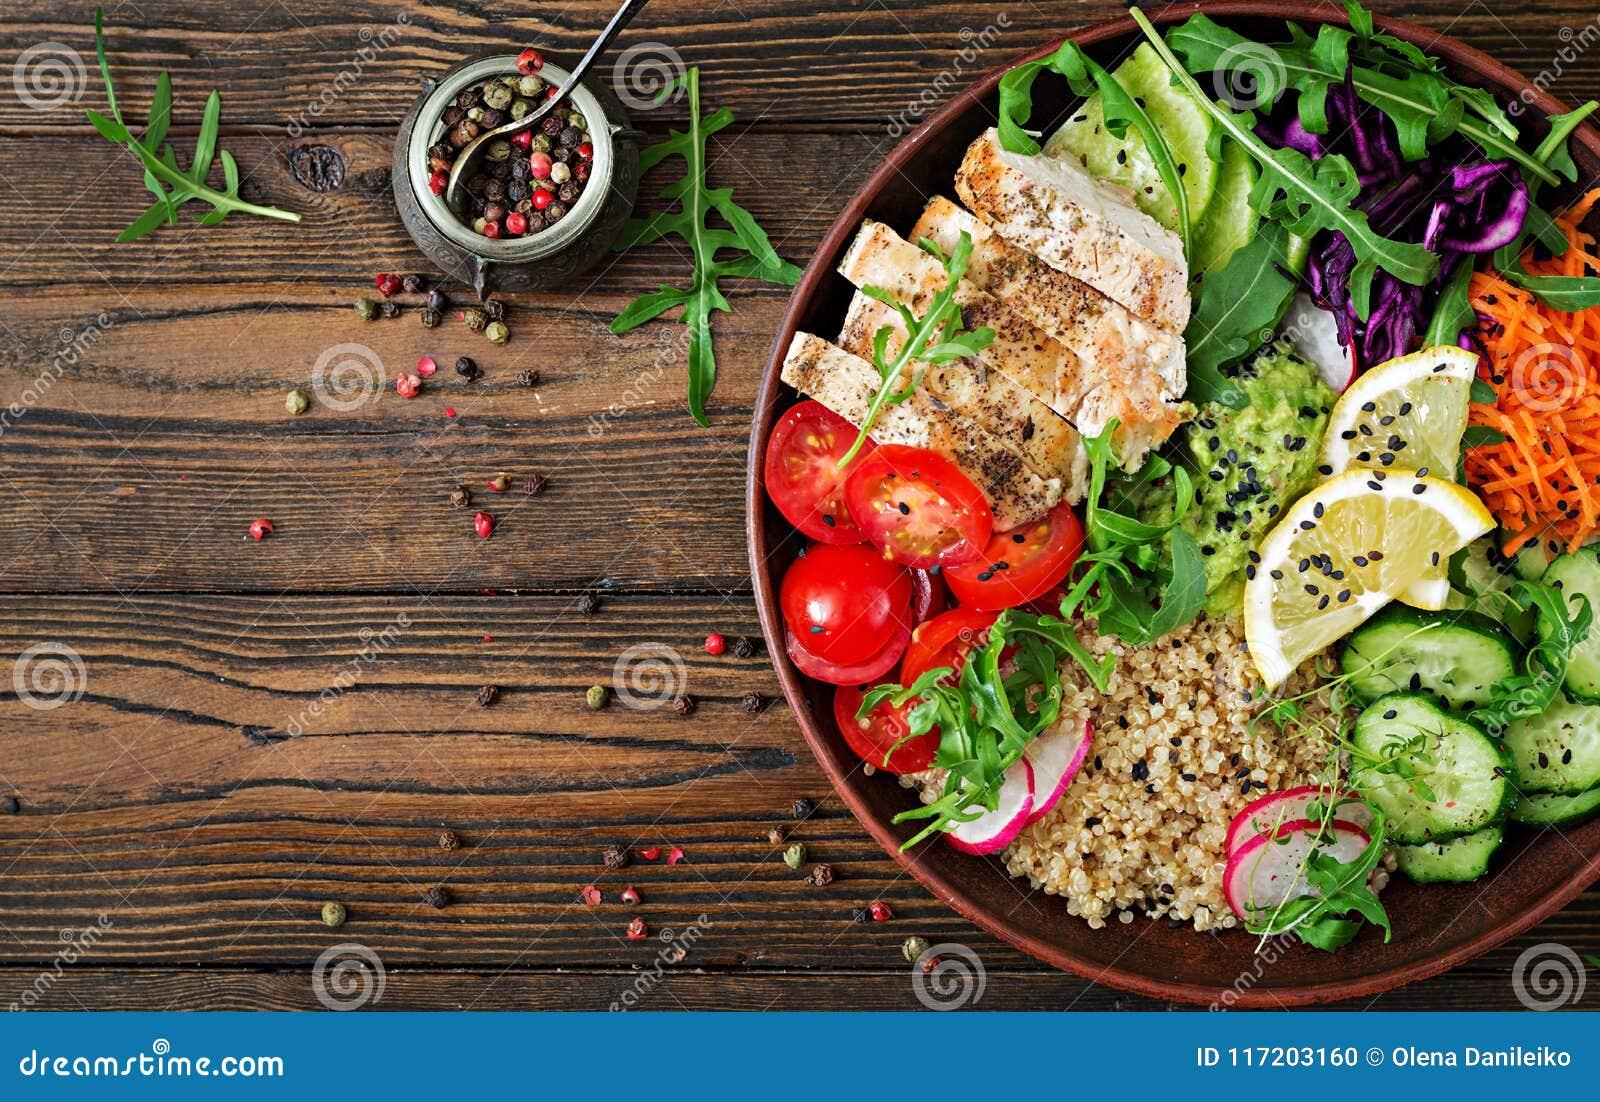 De komlunch van Boedha met geroosterde kip en quinoa, tomaat, guacamole